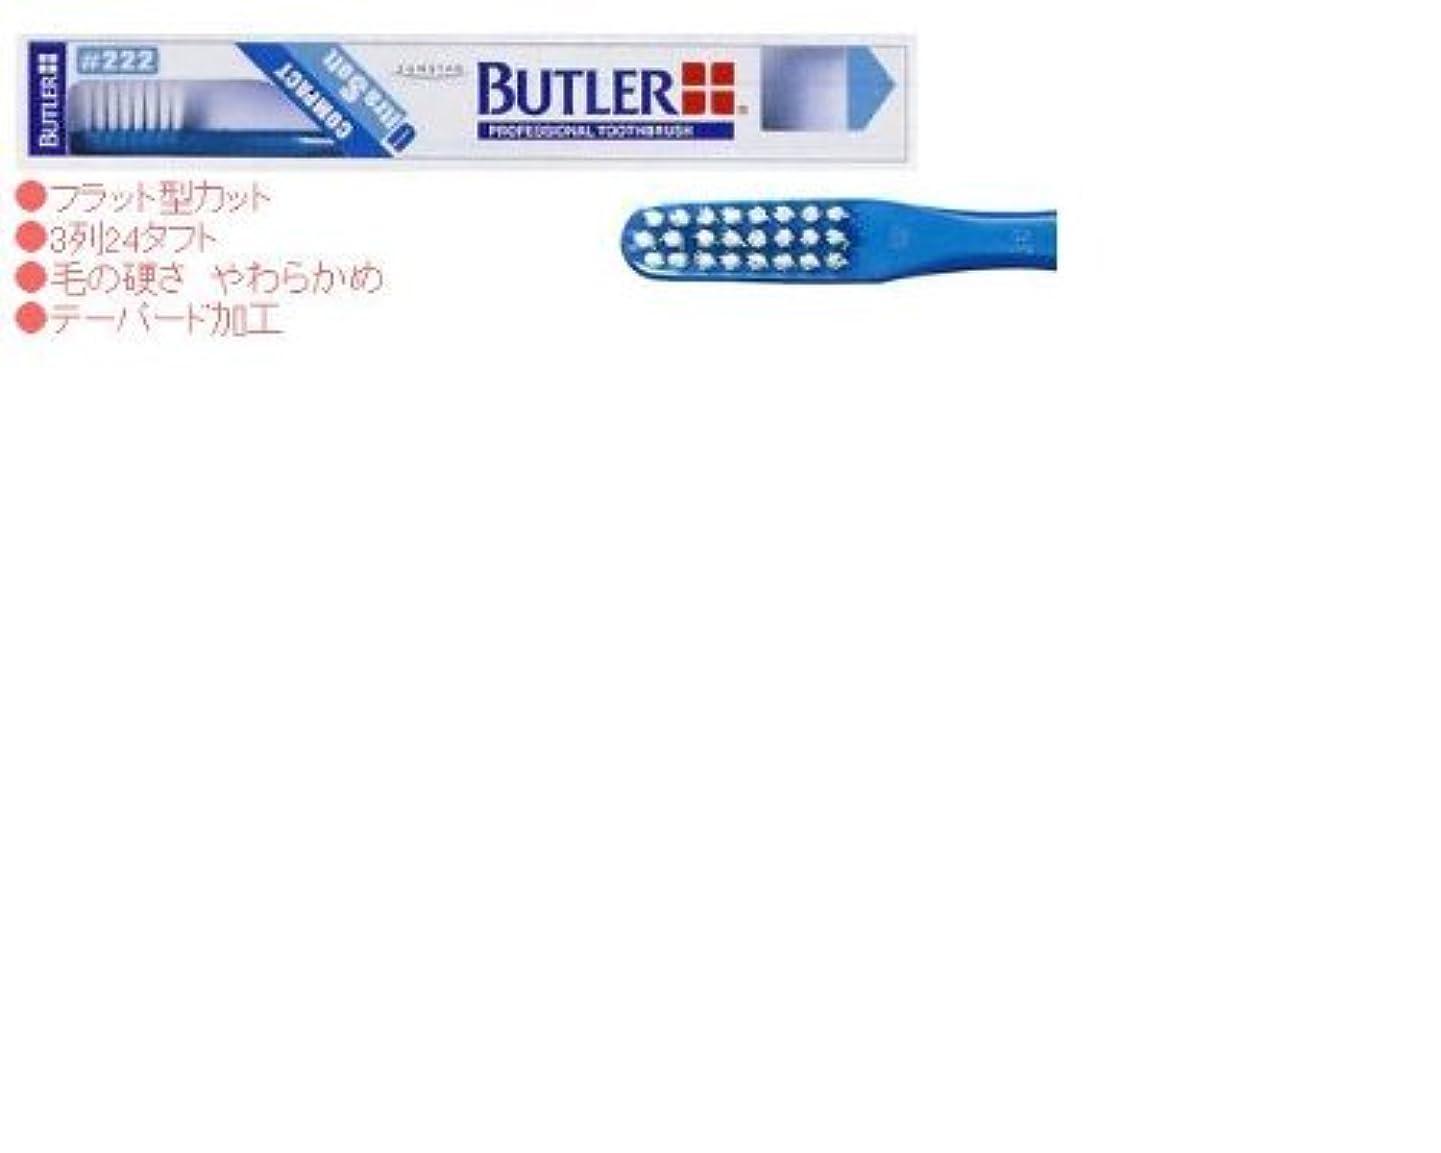 資本主義反対するラオス人バトラー歯ブラシ 1本 #222